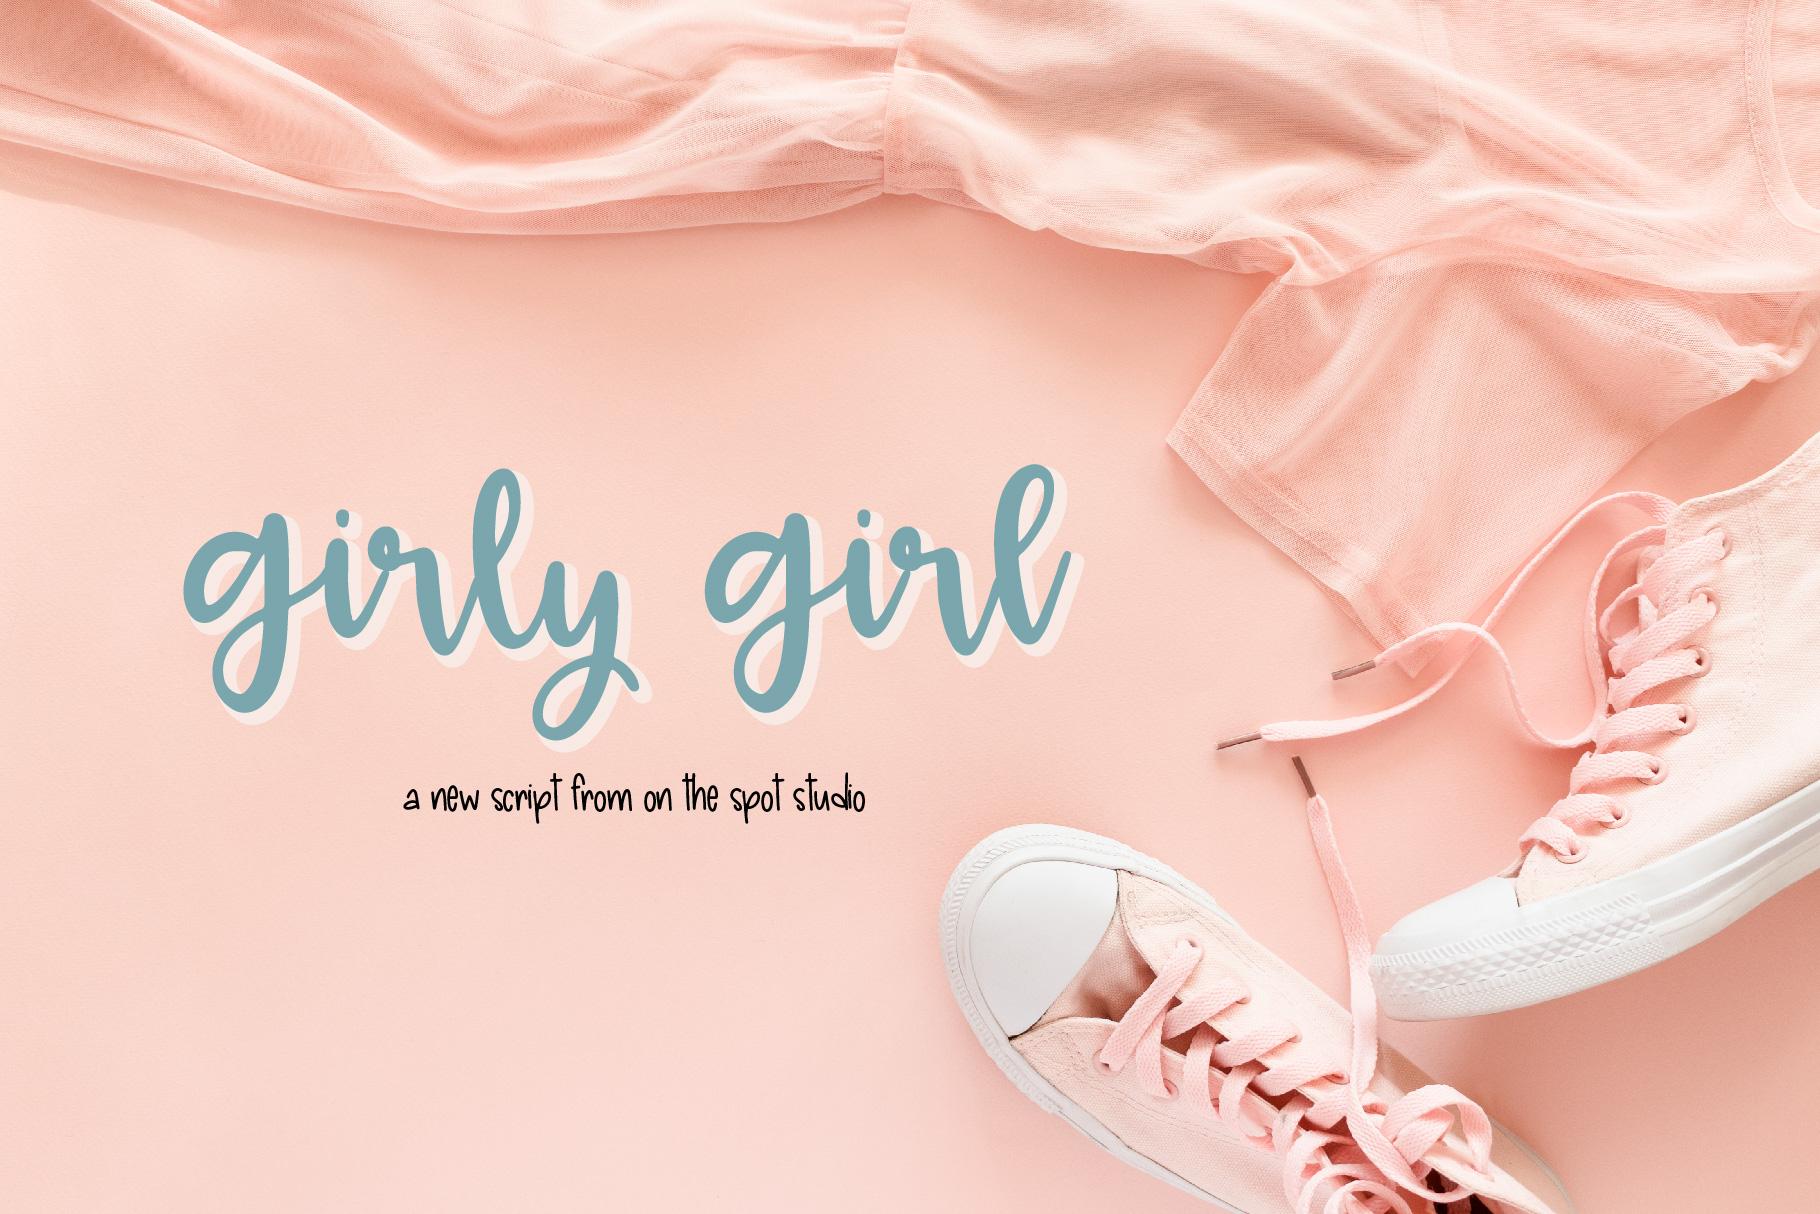 Girly Girl example image 1